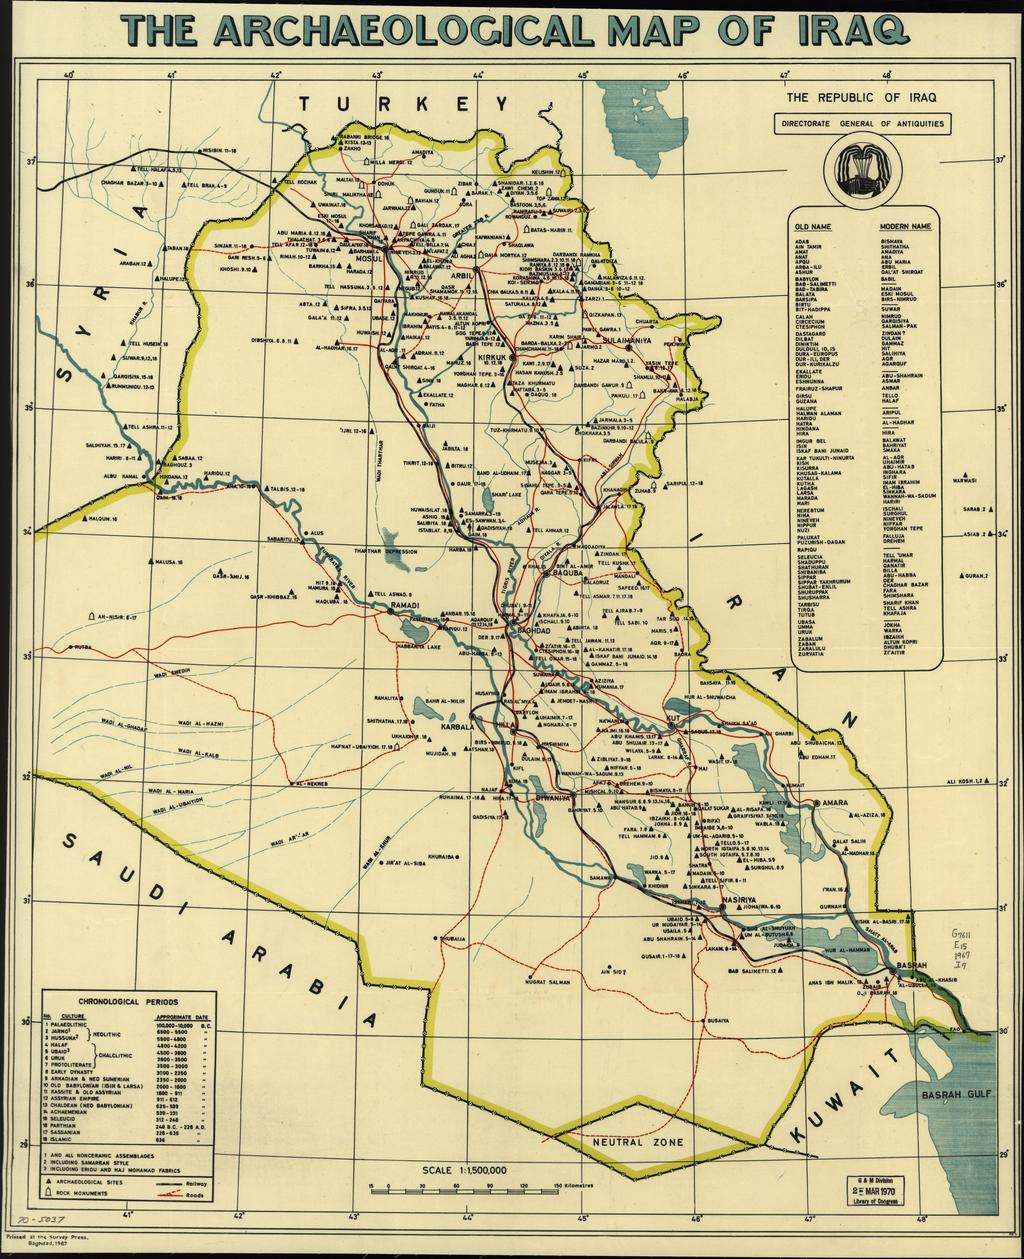 خريطة العراق الآثرية